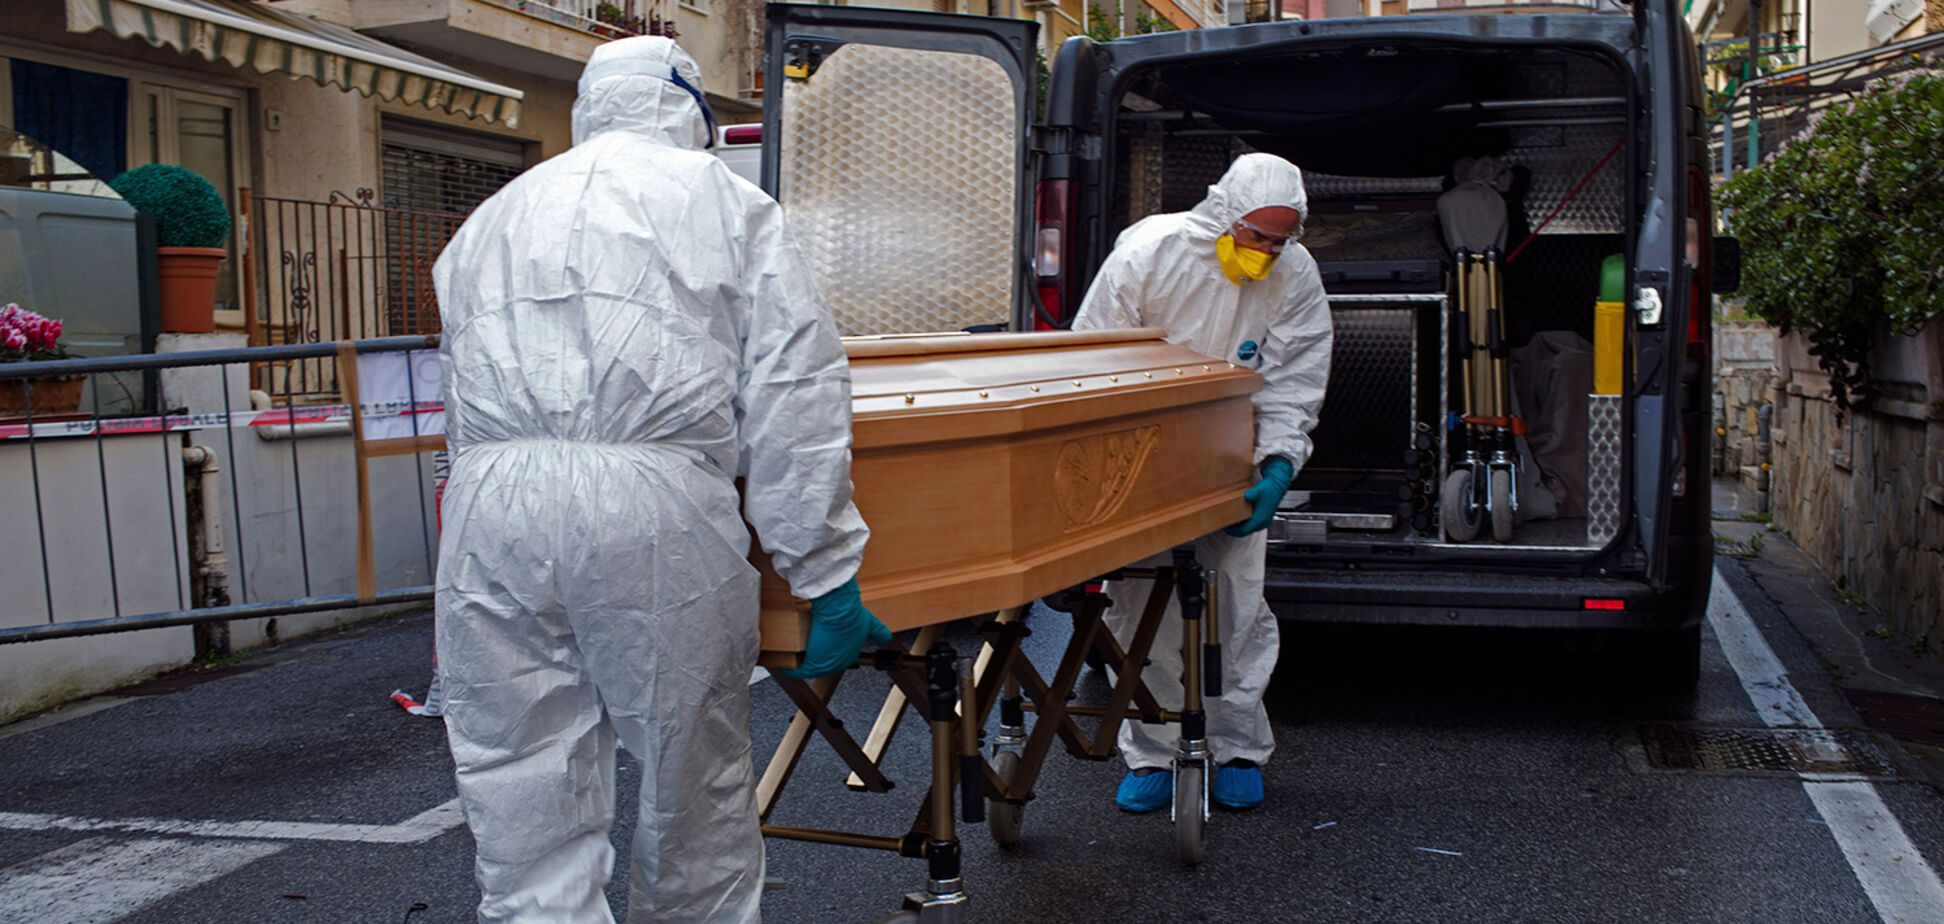 Смертність в Москві побила рекорд за 10 років: оприлюднена статистика